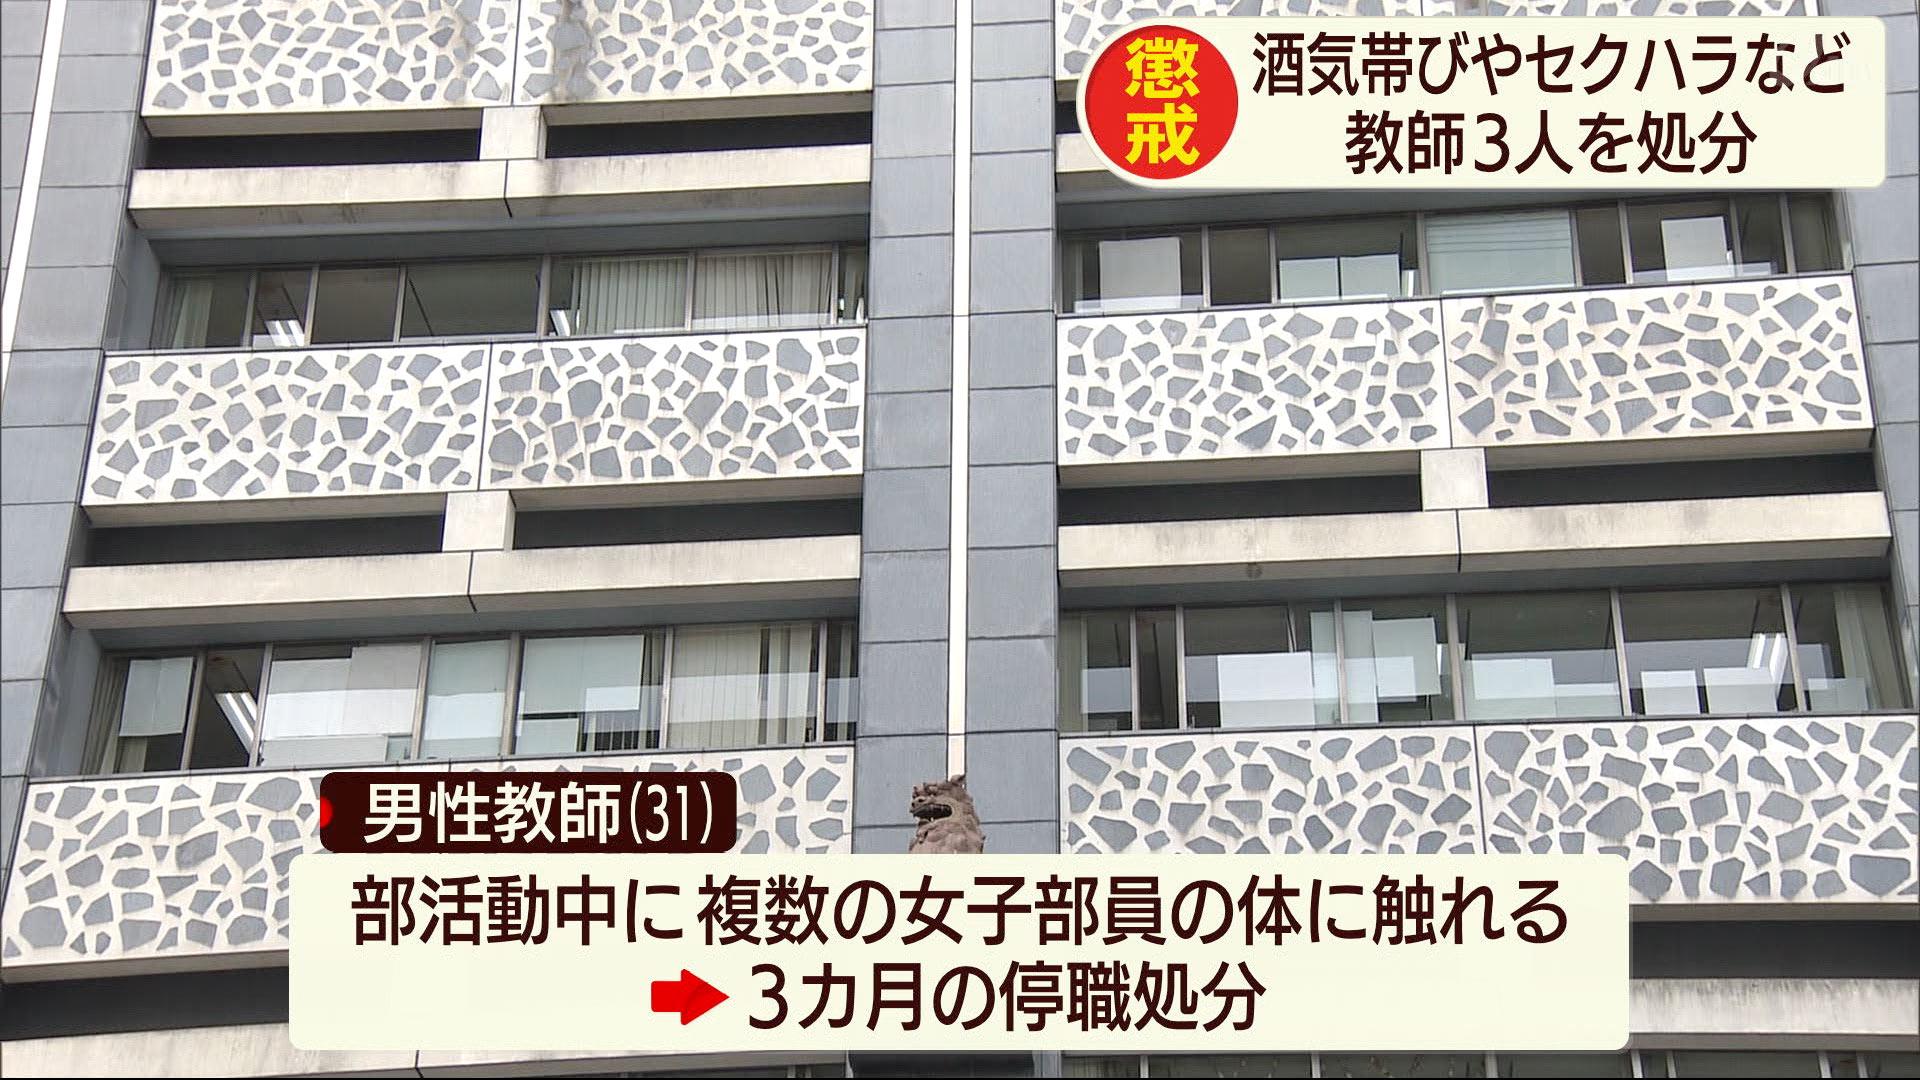 県教育委員会 教師3人を懲戒処分